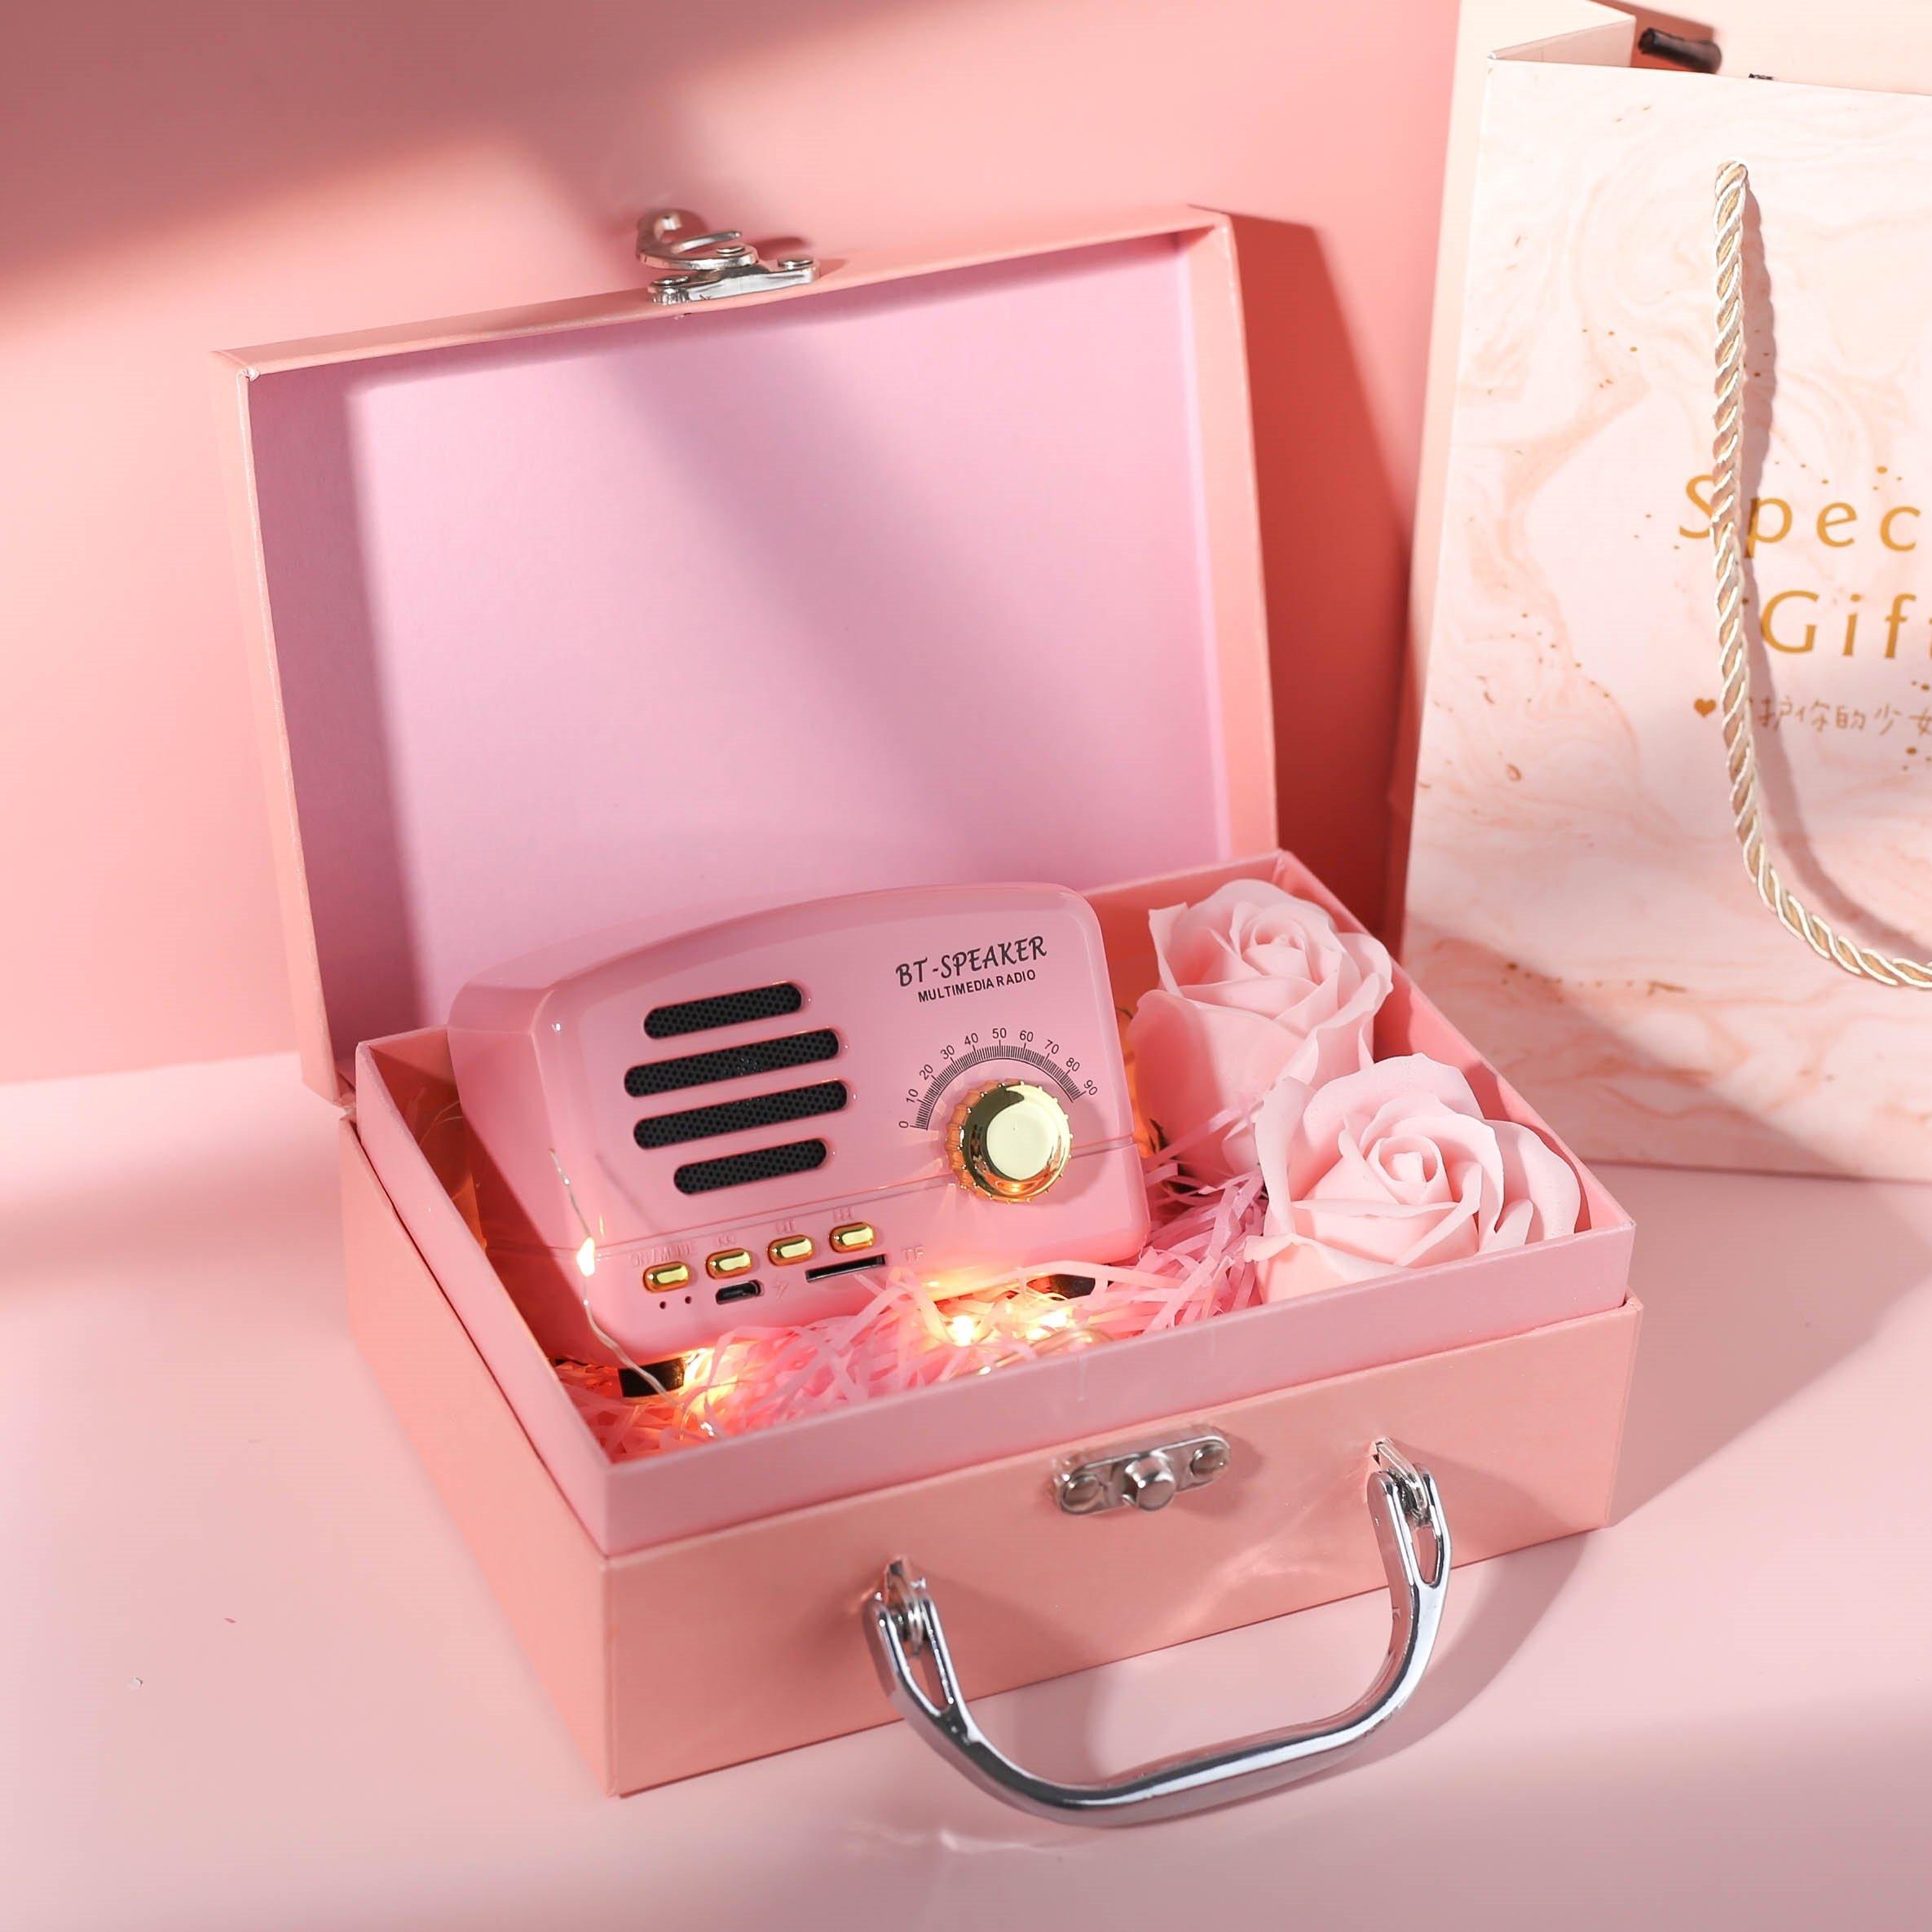 少女心杂货店的成年生日礼物18岁女生送给闺蜜精致创意女朋友实用